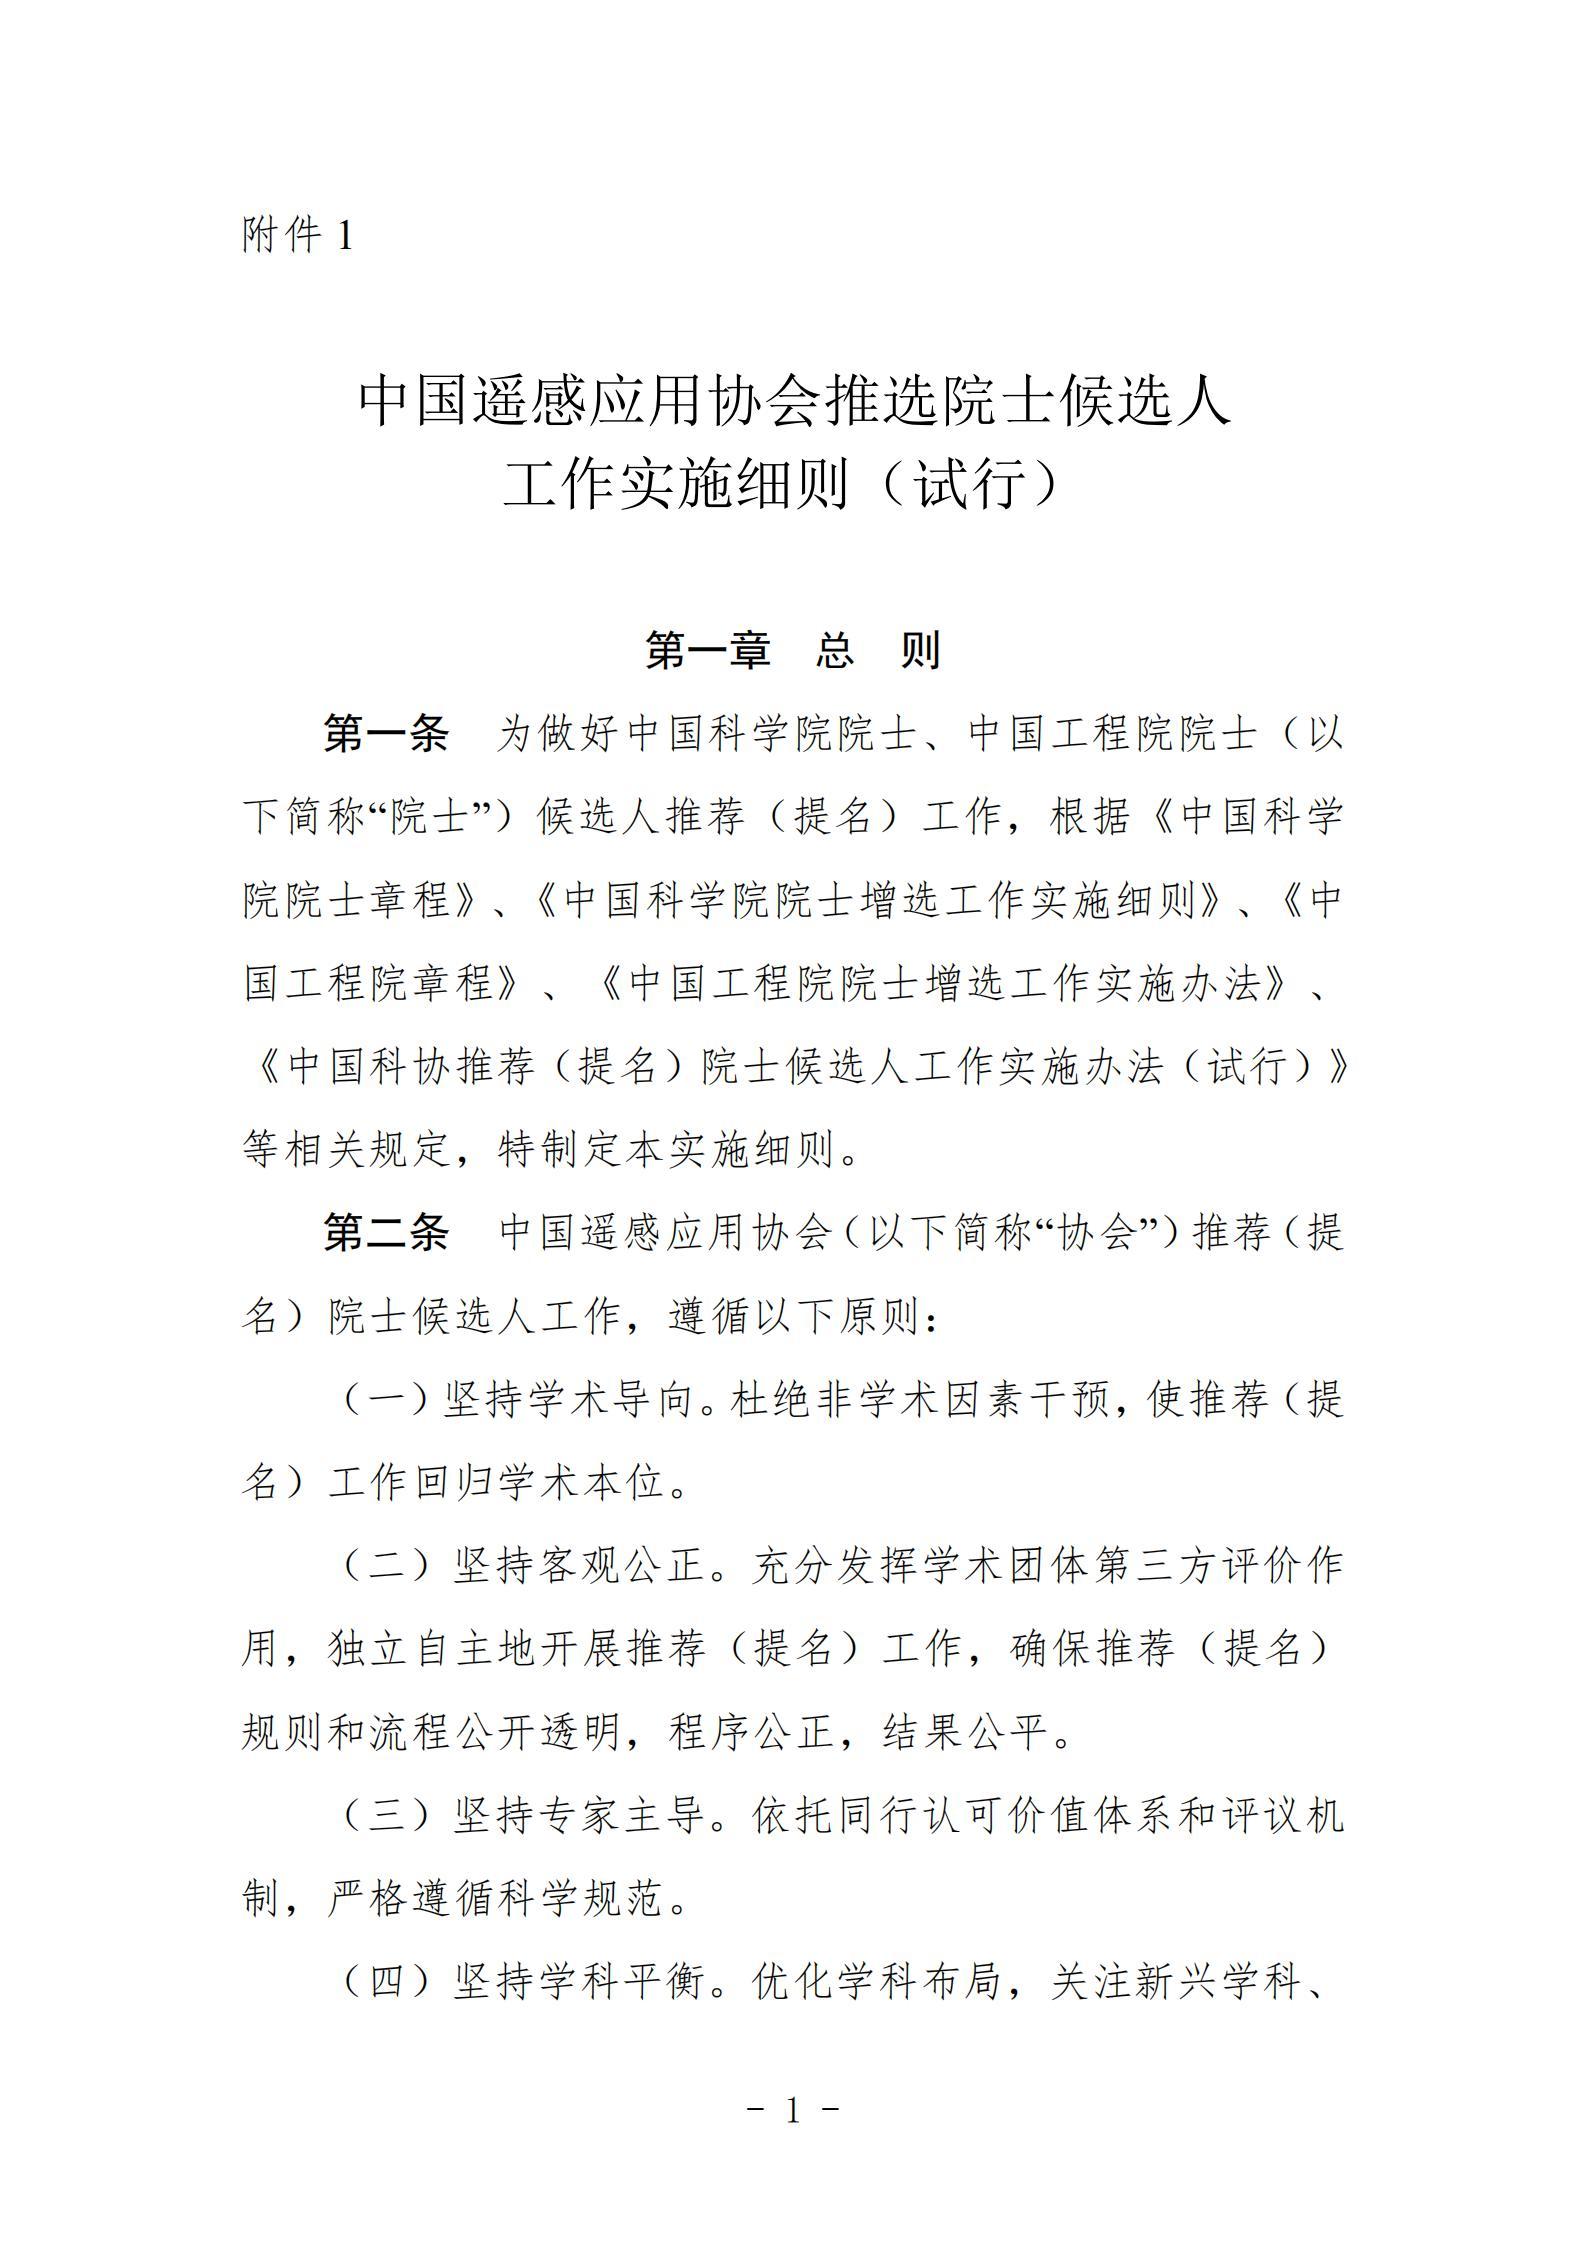 中國遙感應用協會關于組織推選2021年中國科學院和中國工程院院士候選人的通知_06.jpg